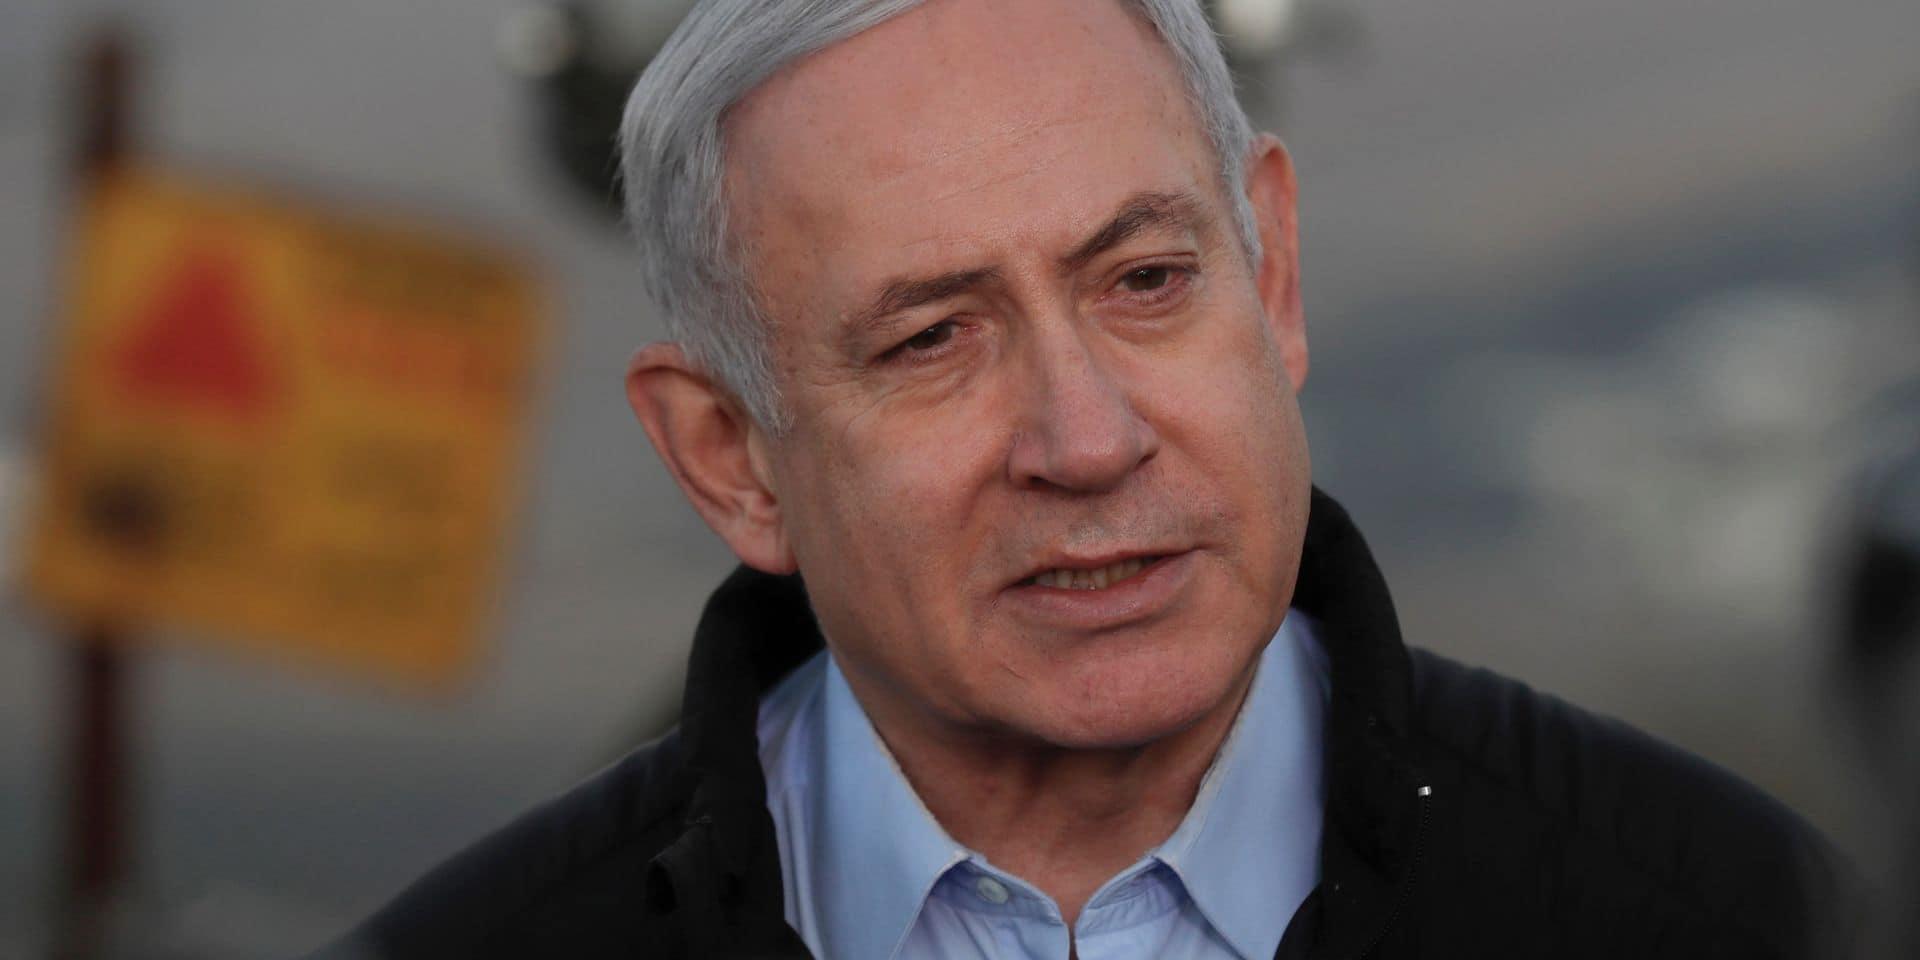 Israël: malgré son inculpation, Netanyahu peut rester en poste dans un gouvernement de transition